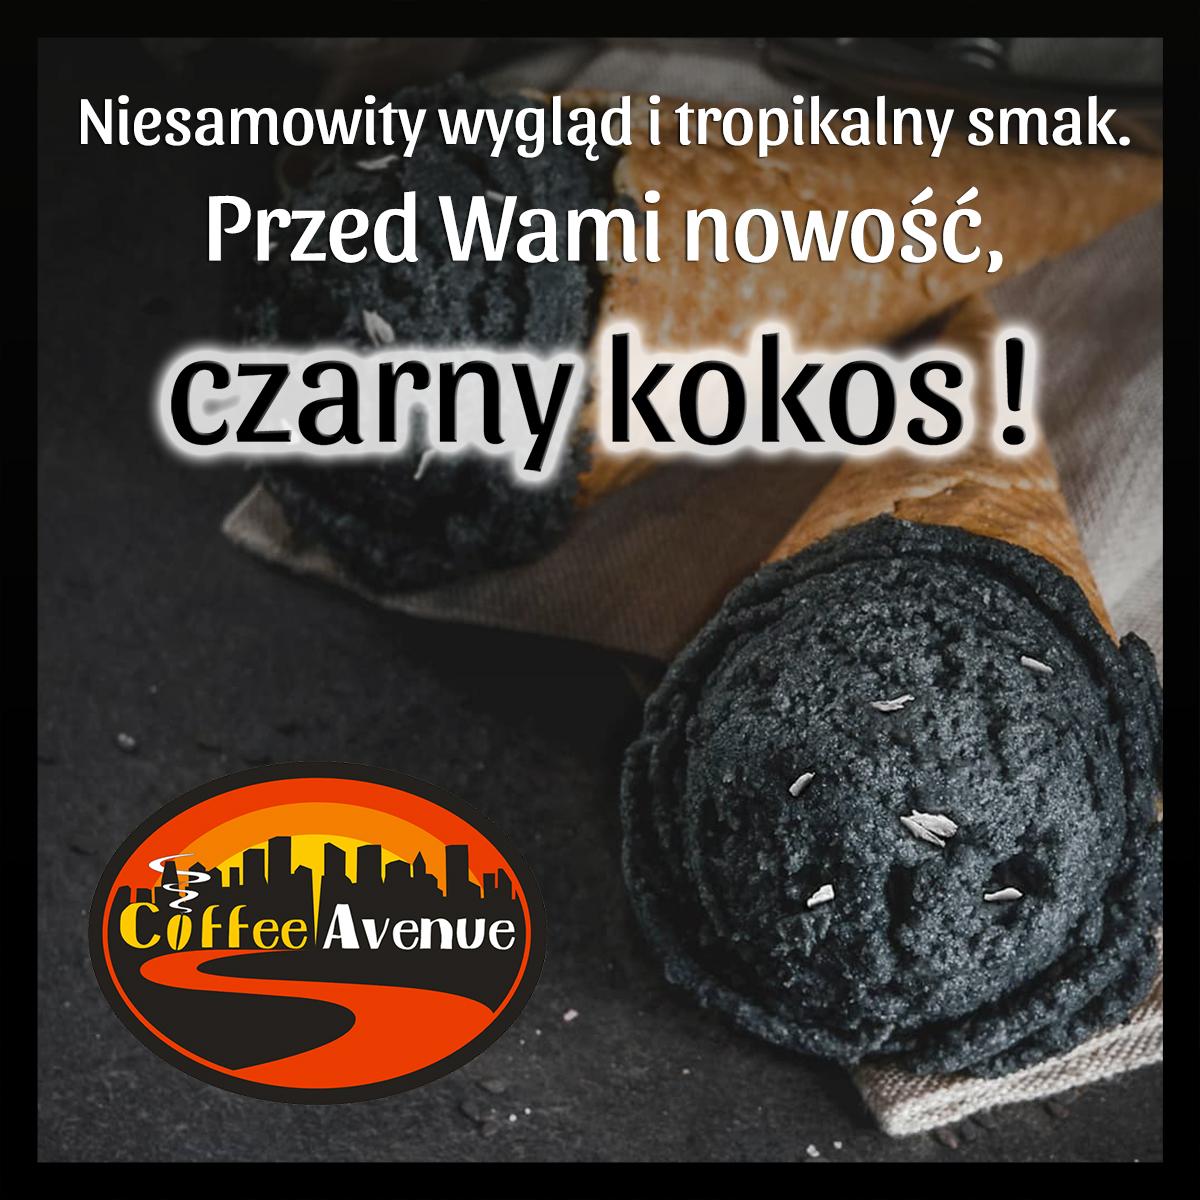 Nowość w Coffee Avenue!